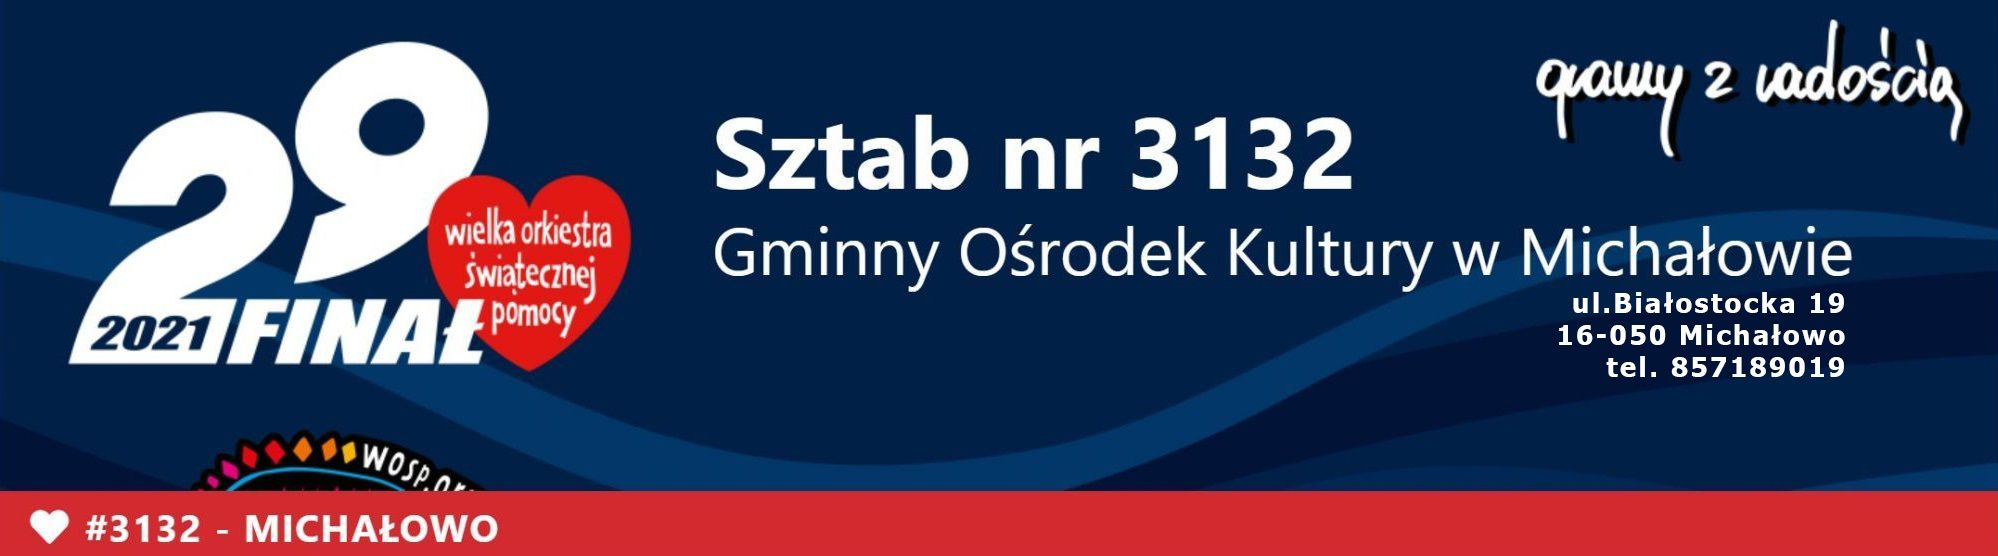 sztab_wosp